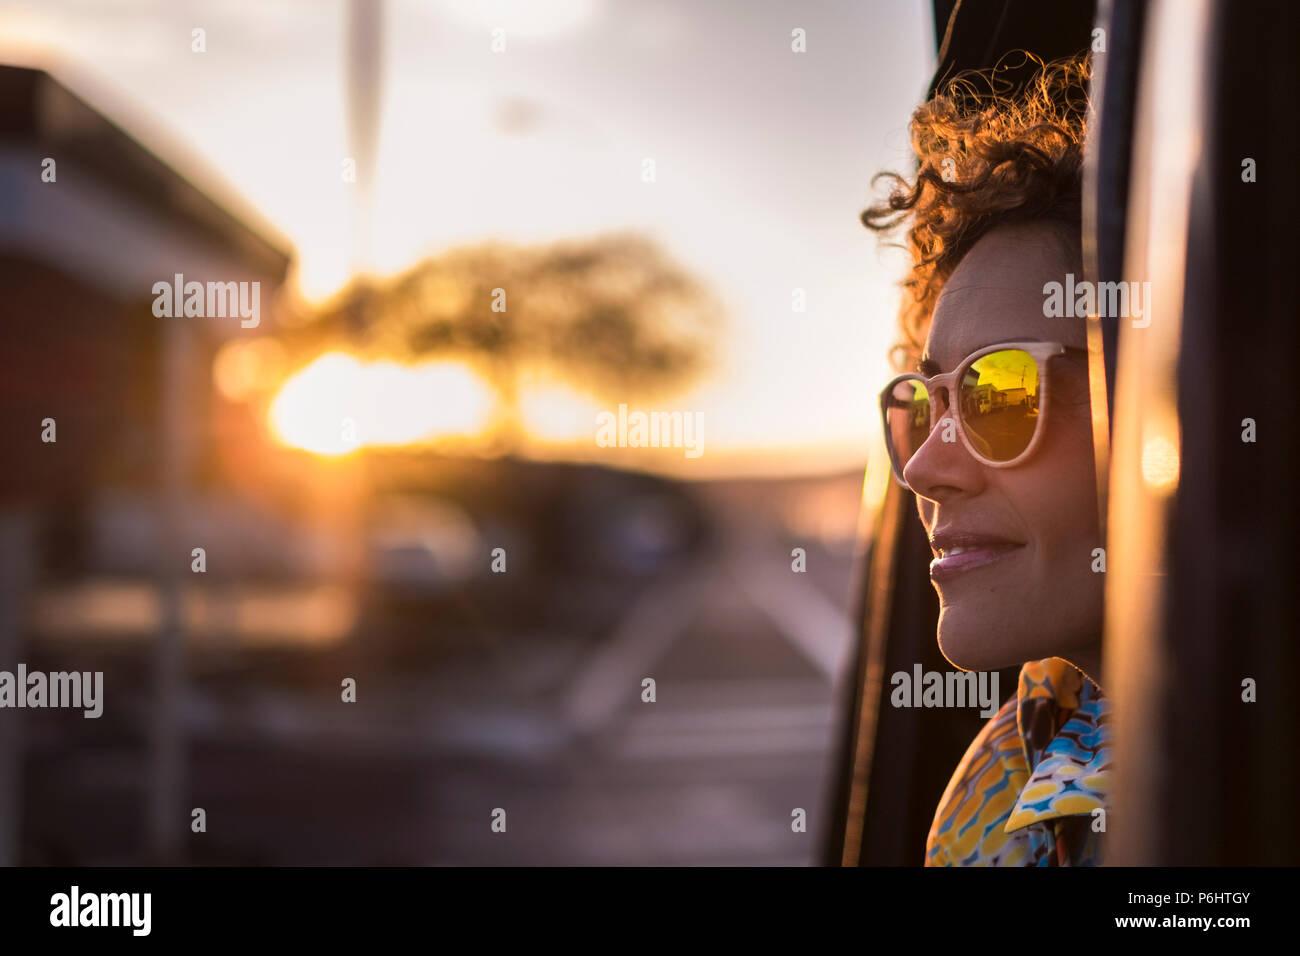 Belle femme billet sur une voiture à l'extérieur et profiter de la lumière de la coucher du soleil doré sur son visage. belle vie et les émotions d'un voyage paisible Photo Stock